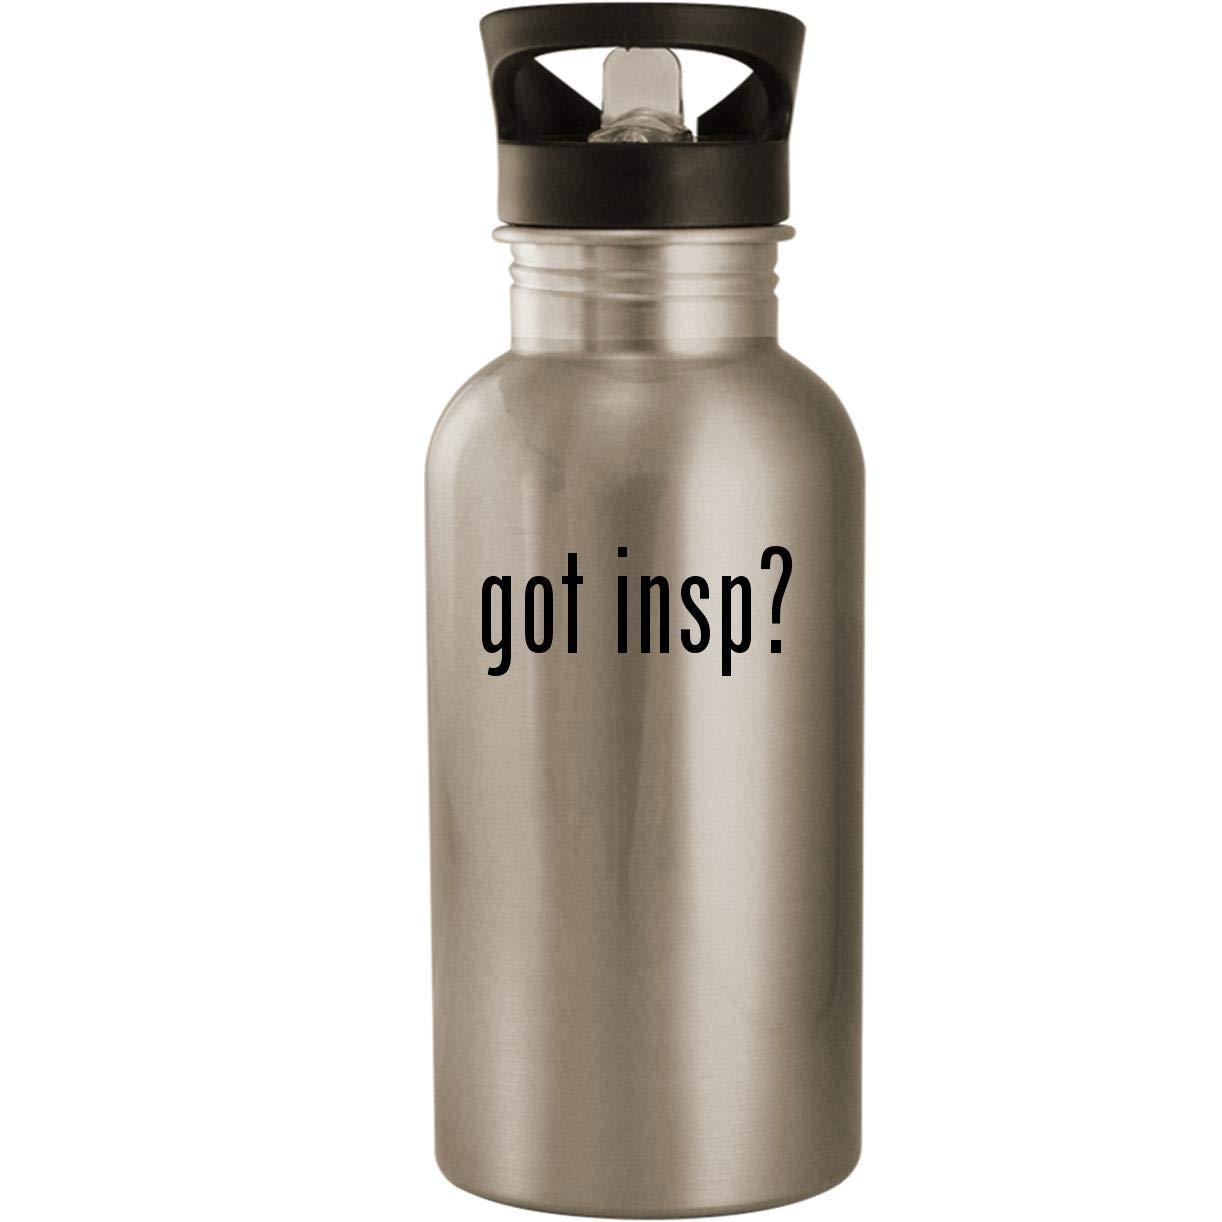 got insp? - Stainless Steel 20oz Road Ready Water Bottle, Silver